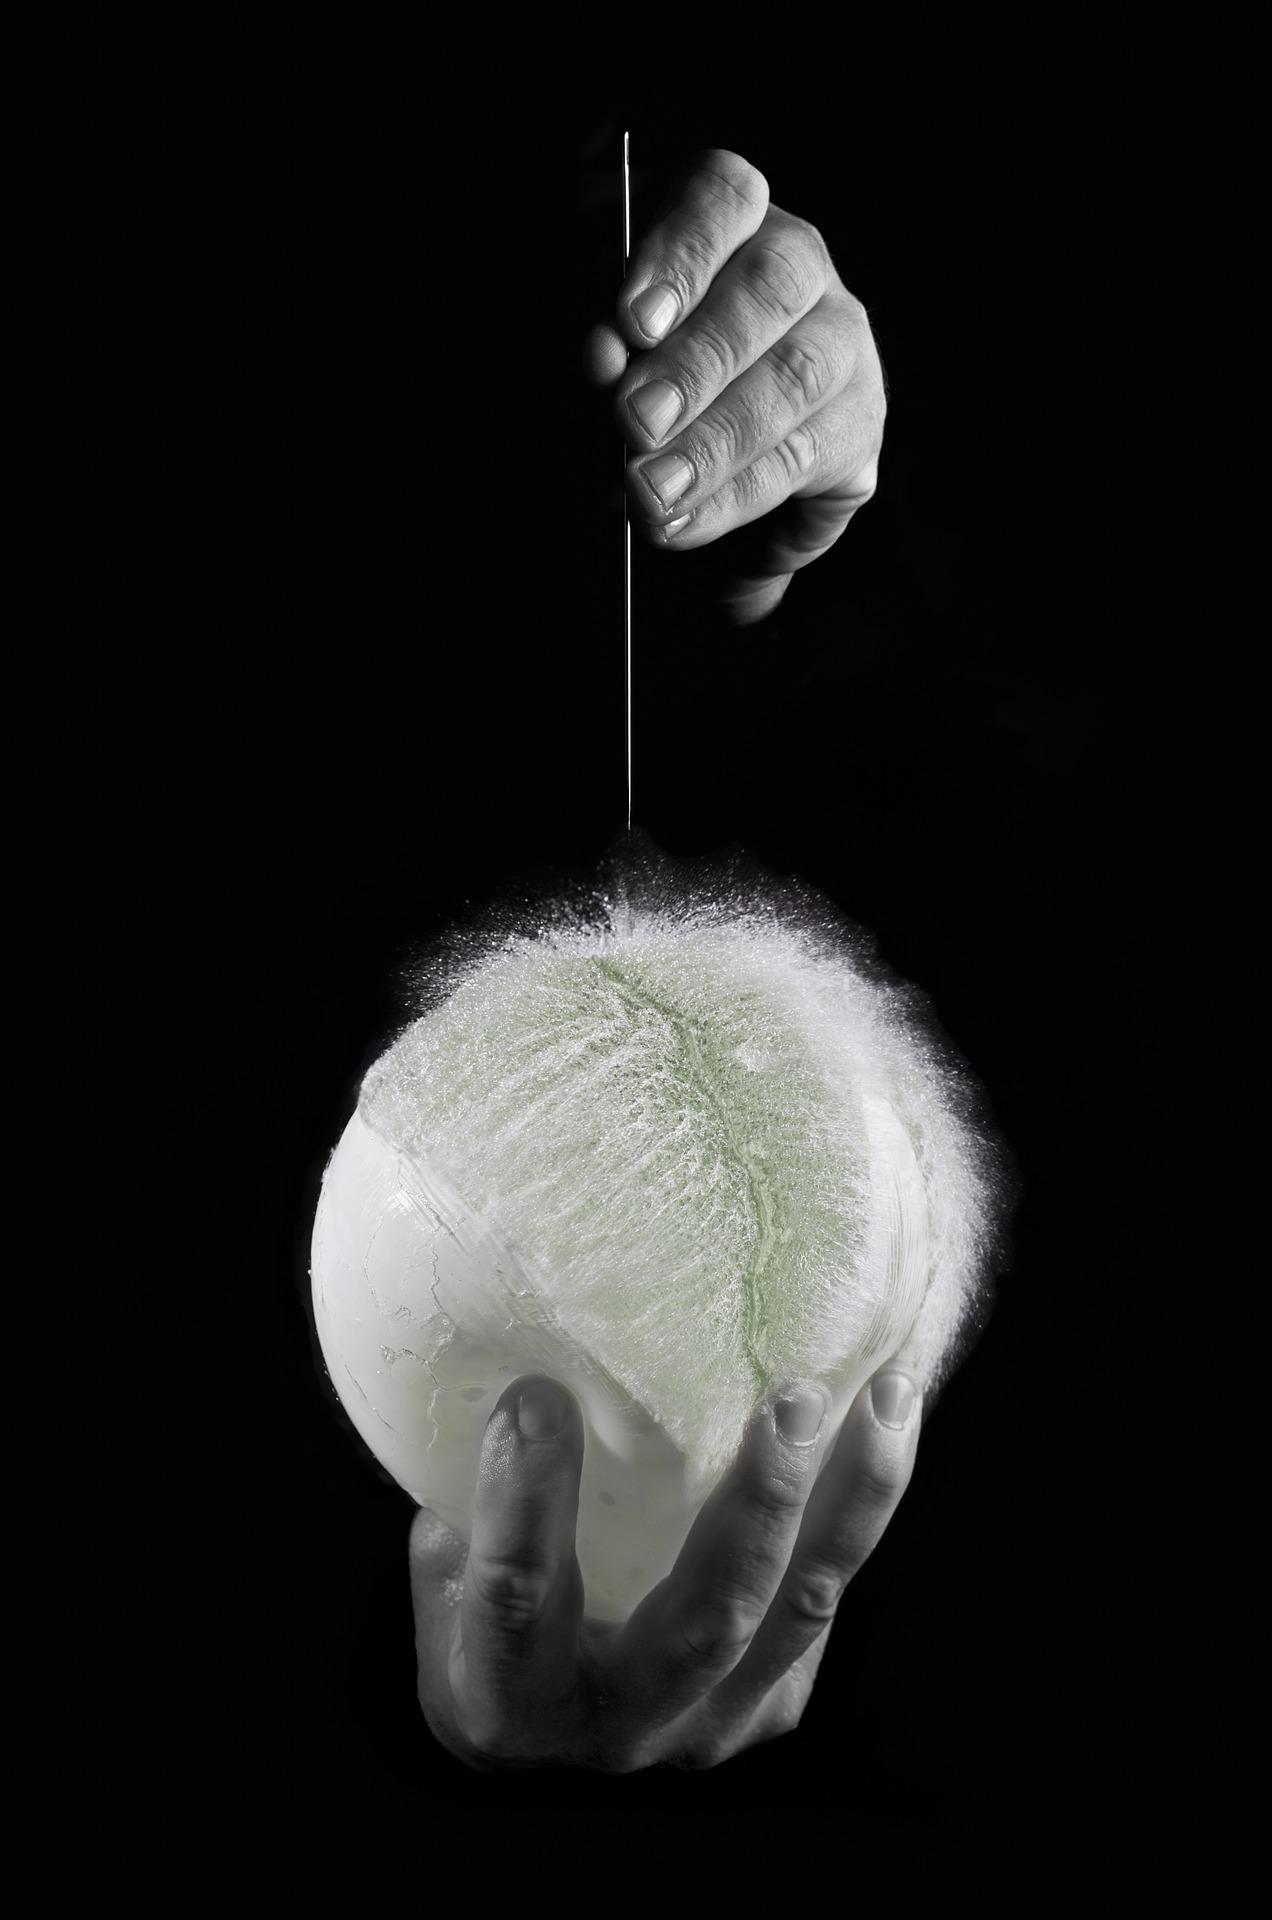 Luftballon Aids-Projekt